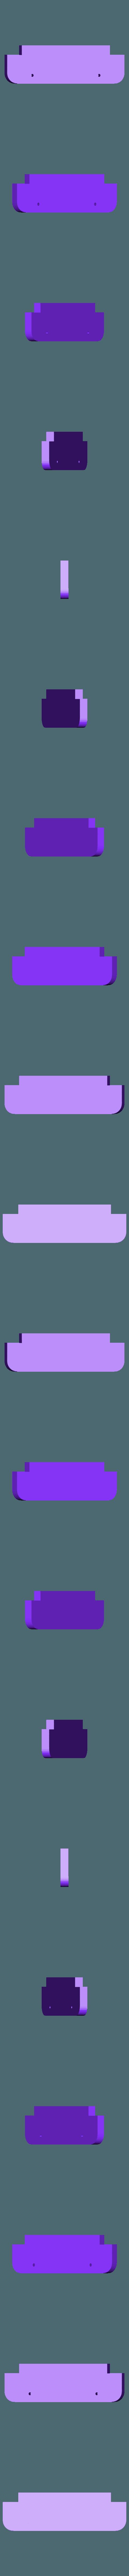 bottom_frame-MOTOR_CUT_REAR.stl Télécharger fichier STL gratuit Ghostbuster Ghostbuster Ghosttrap • Modèle pour impression 3D, SLIDES